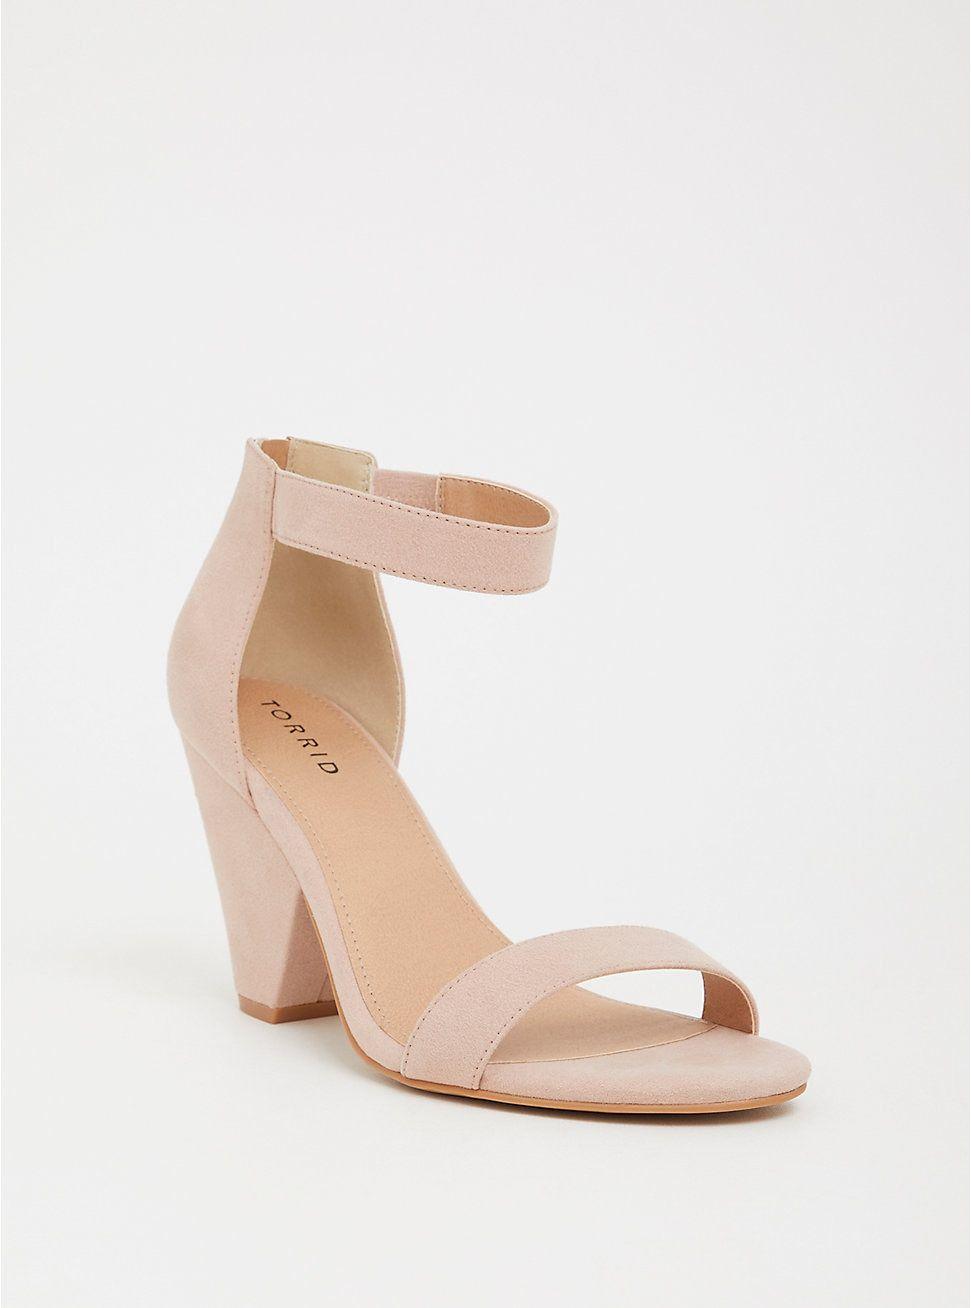 8d94da0d6d Blush Ankle Strap Cone Heel (Wide Width) in 2019 | Fashionista ...